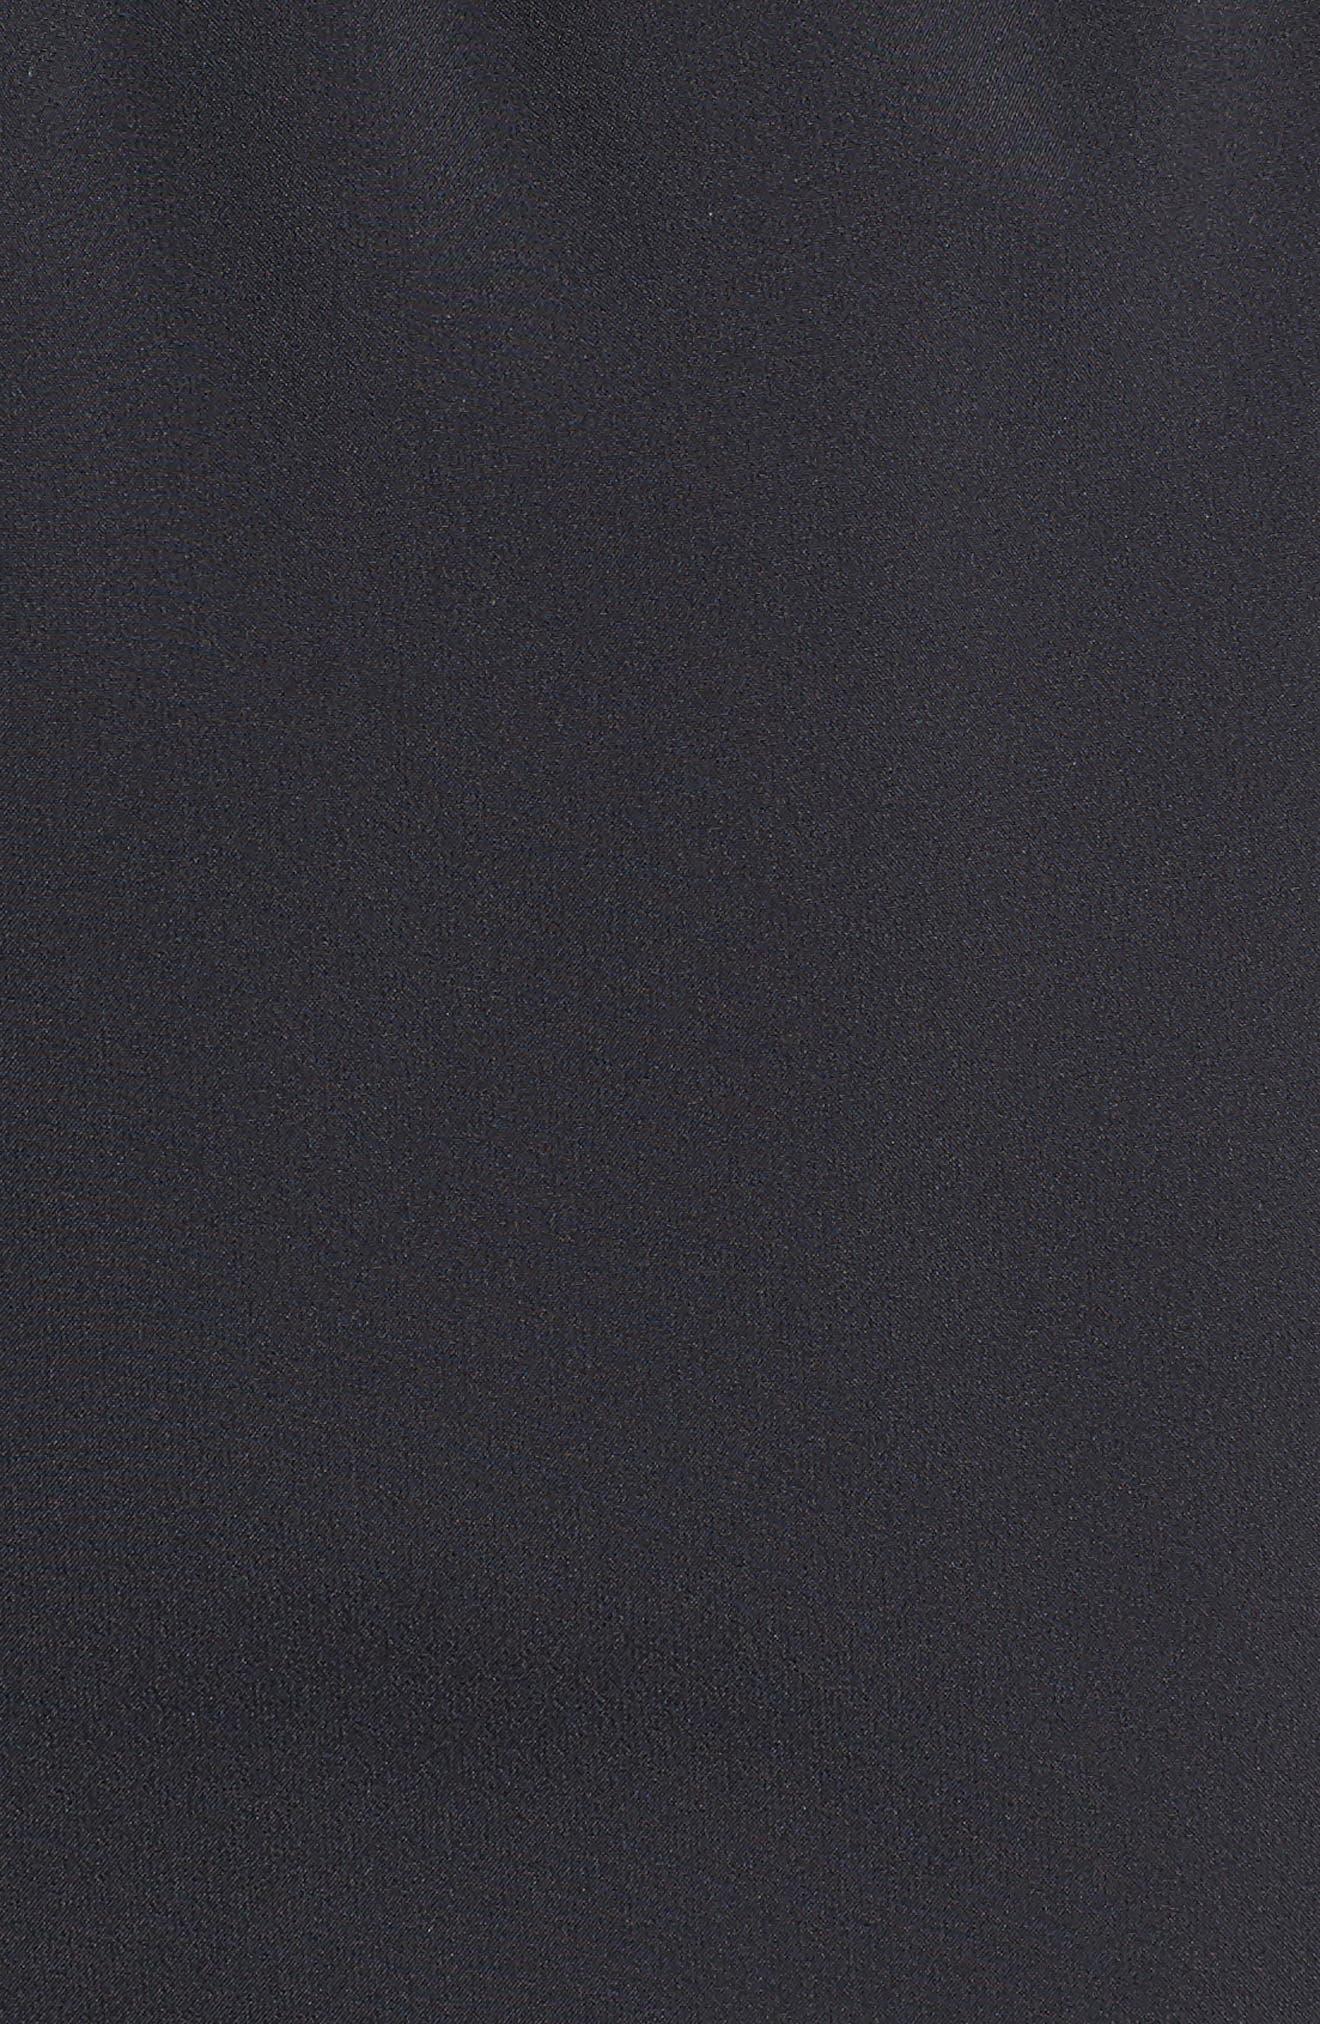 Flex Distance Shorts,                             Alternate thumbnail 5, color,                             Black/ Black